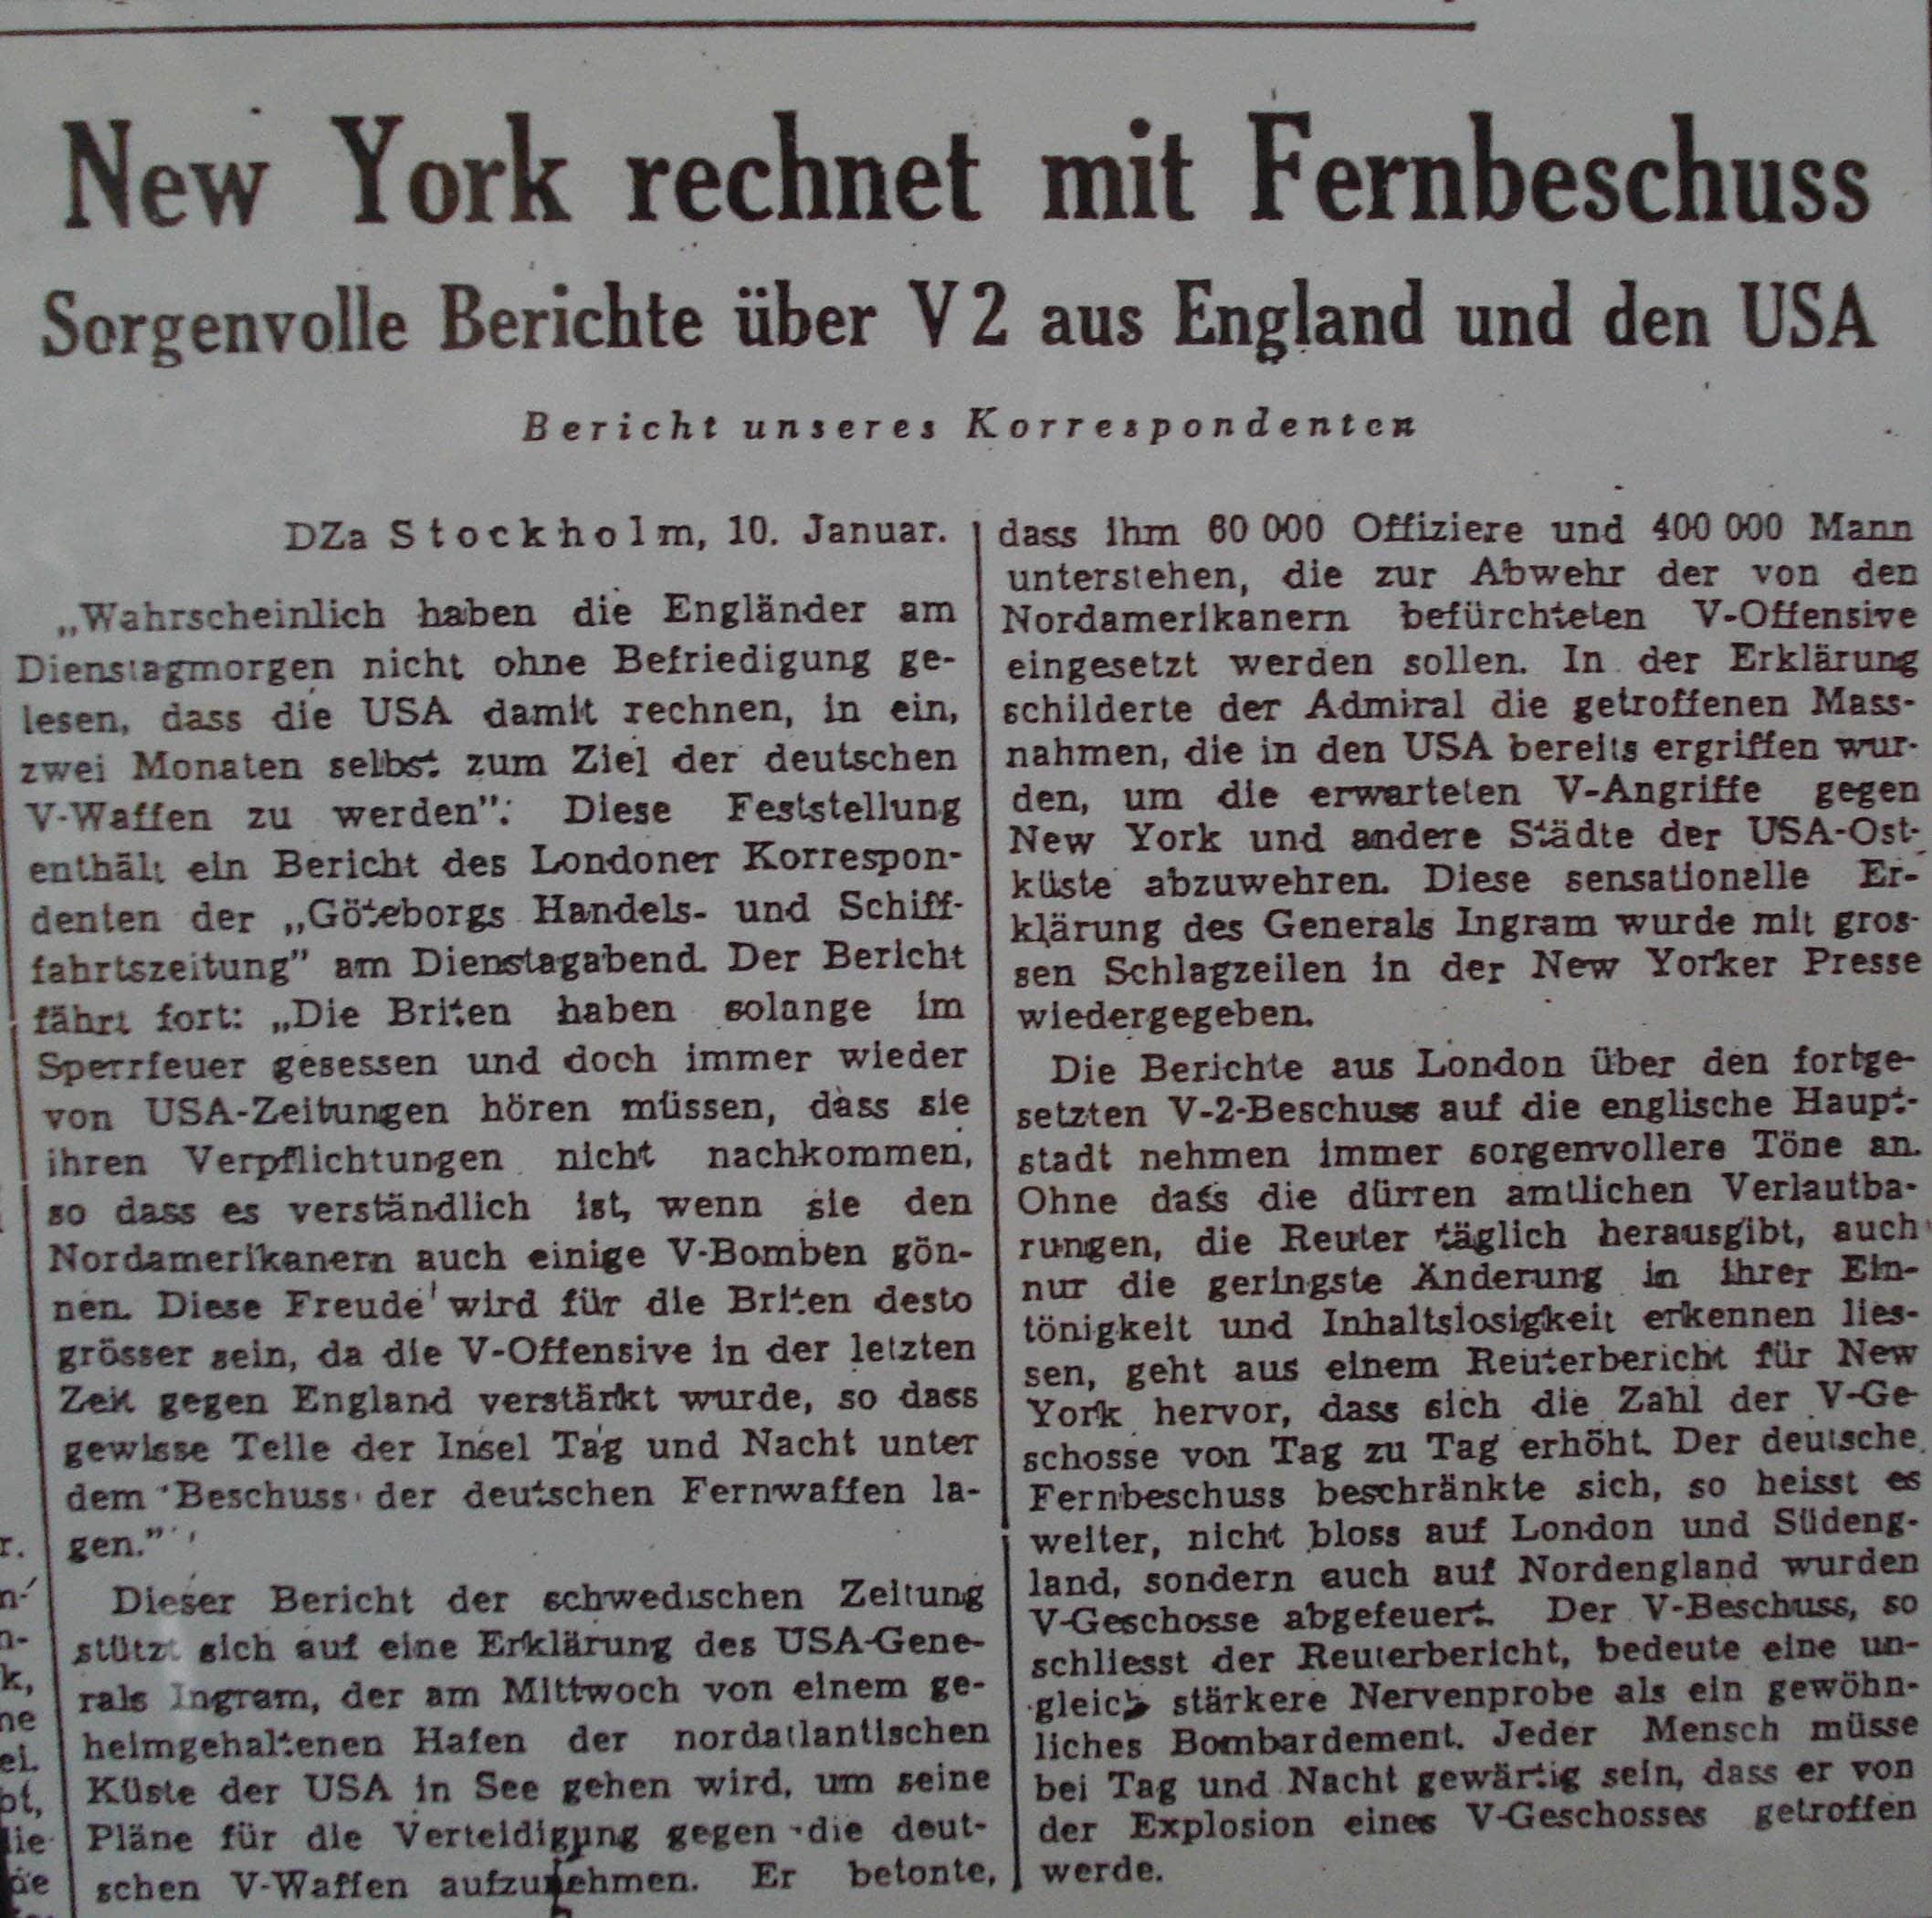 Op 10 januari 1945 is de angst voor een V2 aanval op New York groot